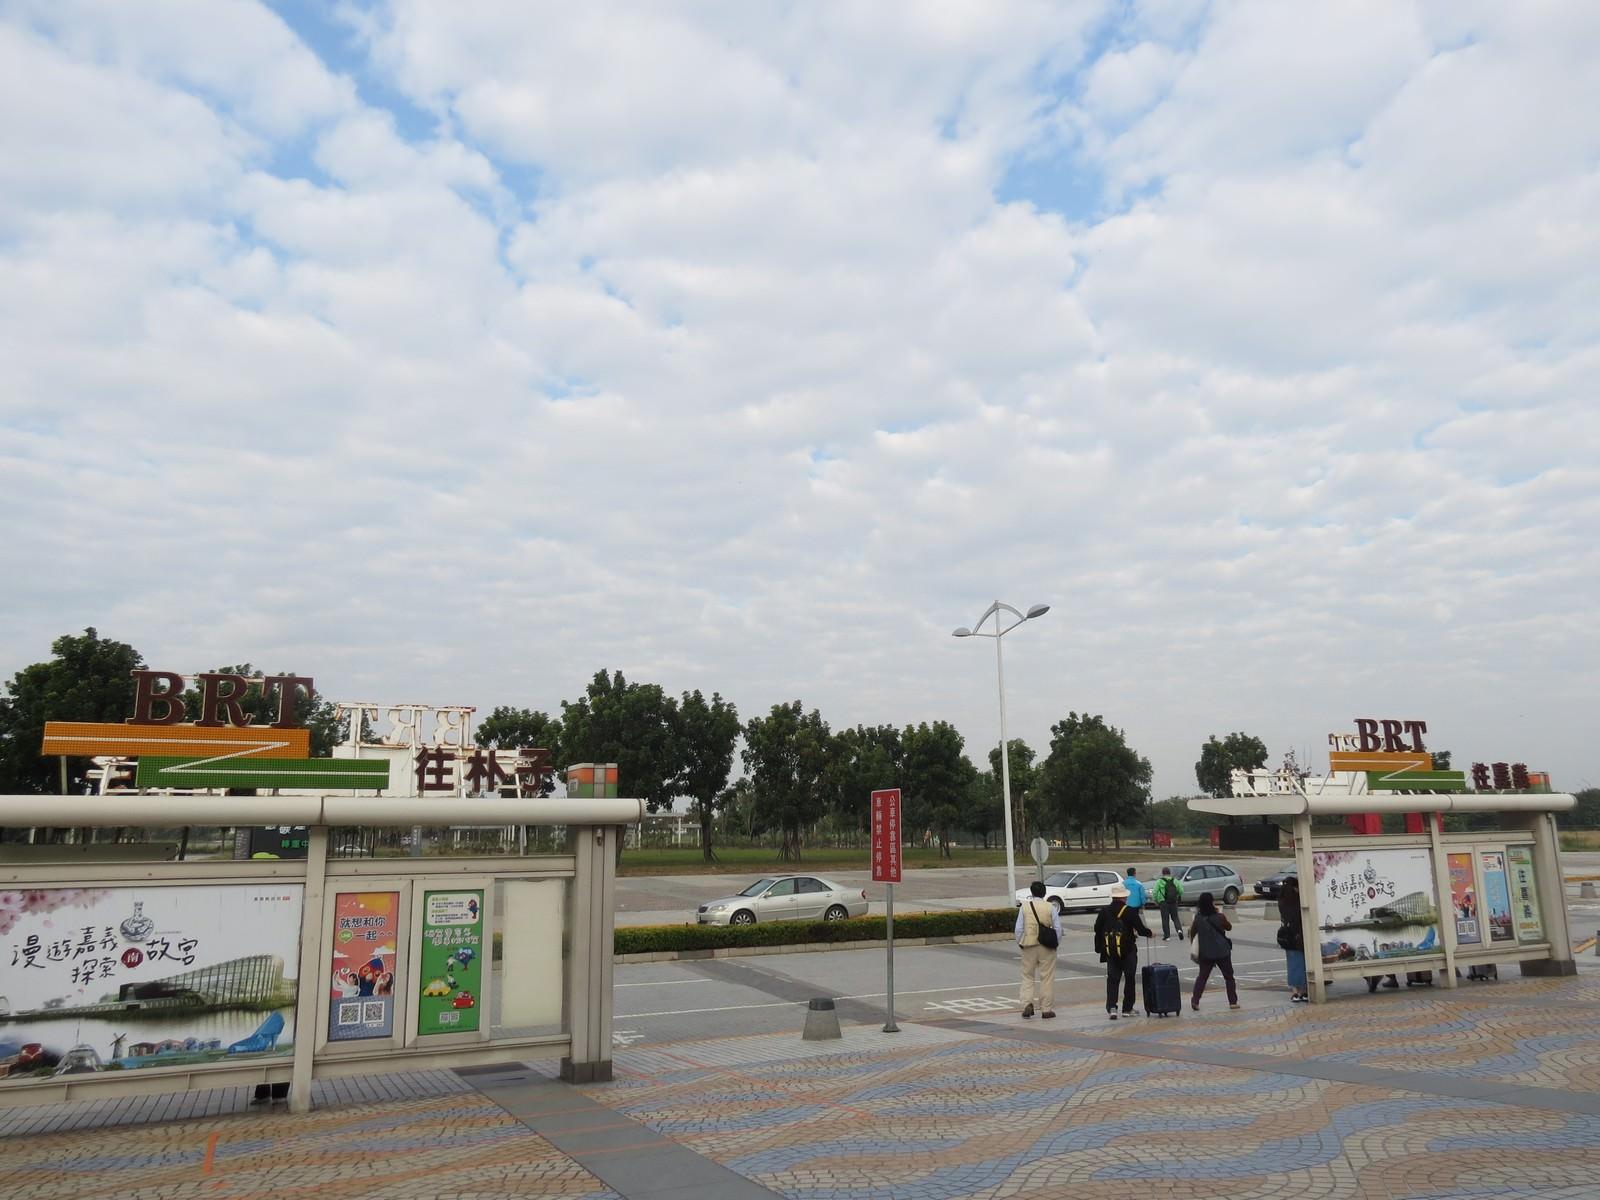 阿里山國家風景區, 大眾運輸交通介紹, 嘉義高鐵站 BRT